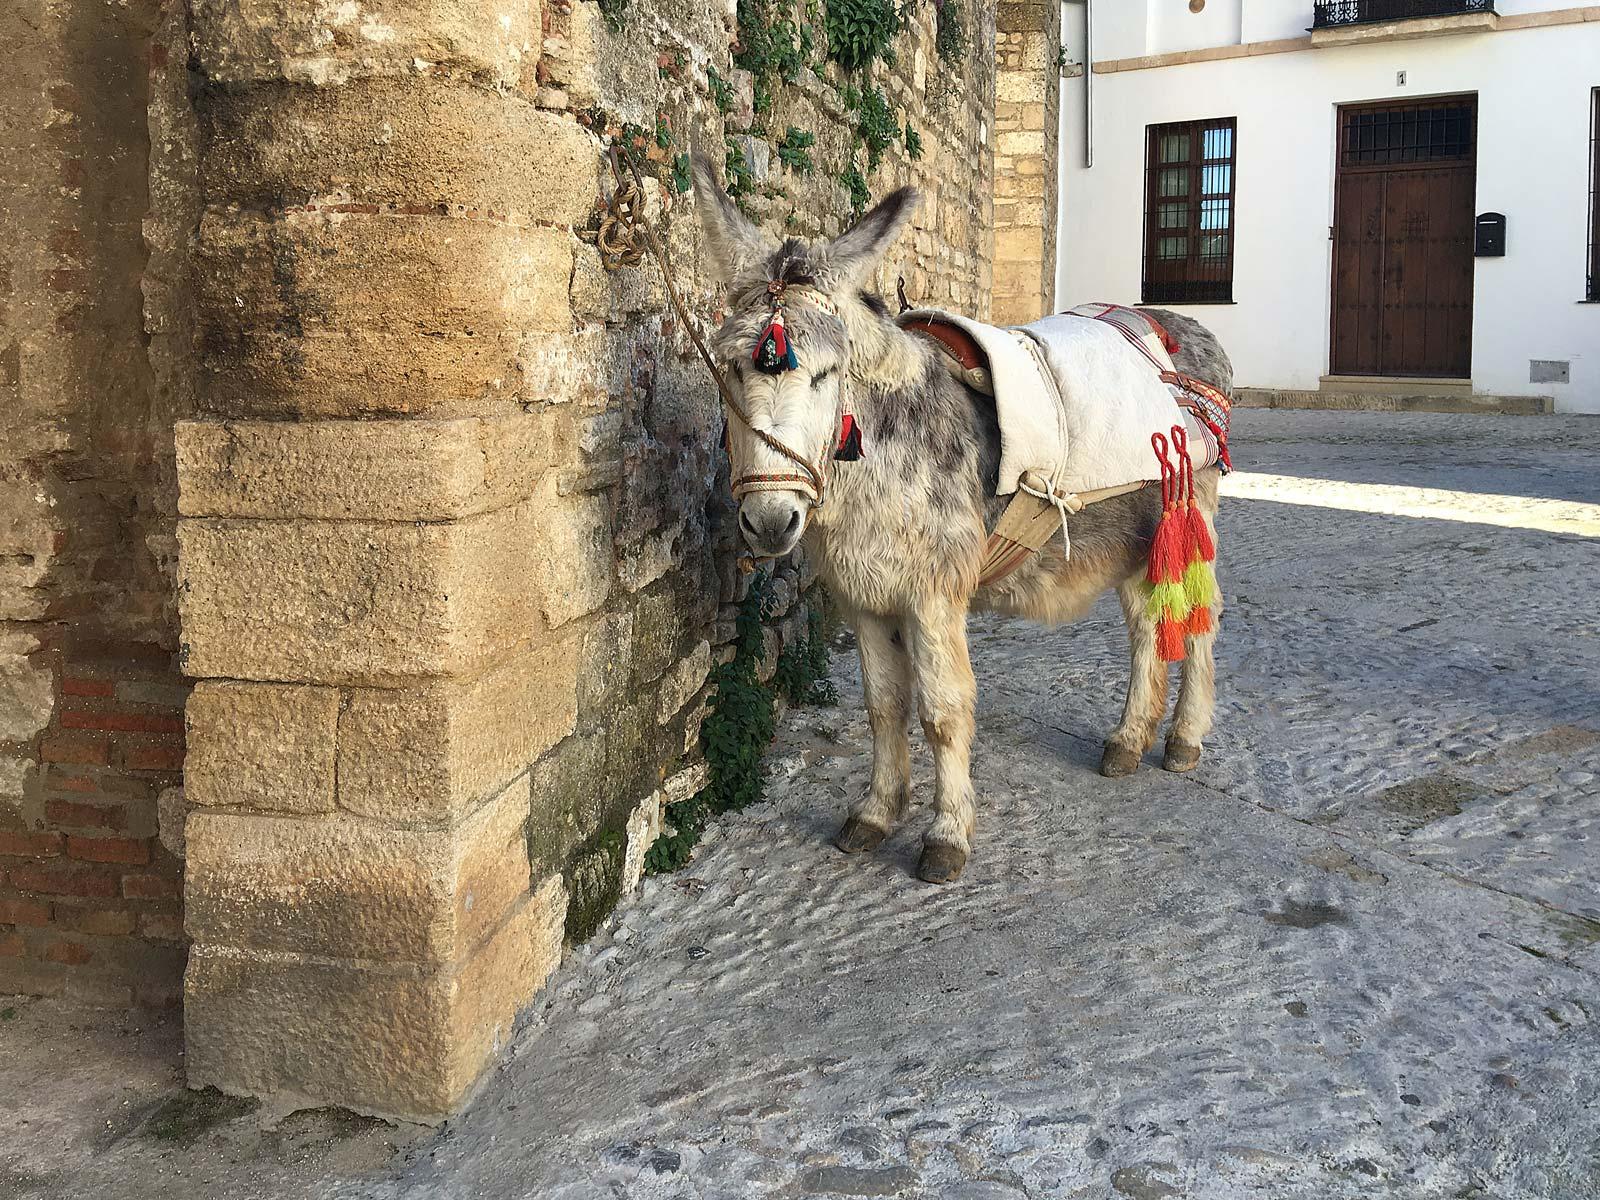 Festlich geschmückter Esel in Ronda